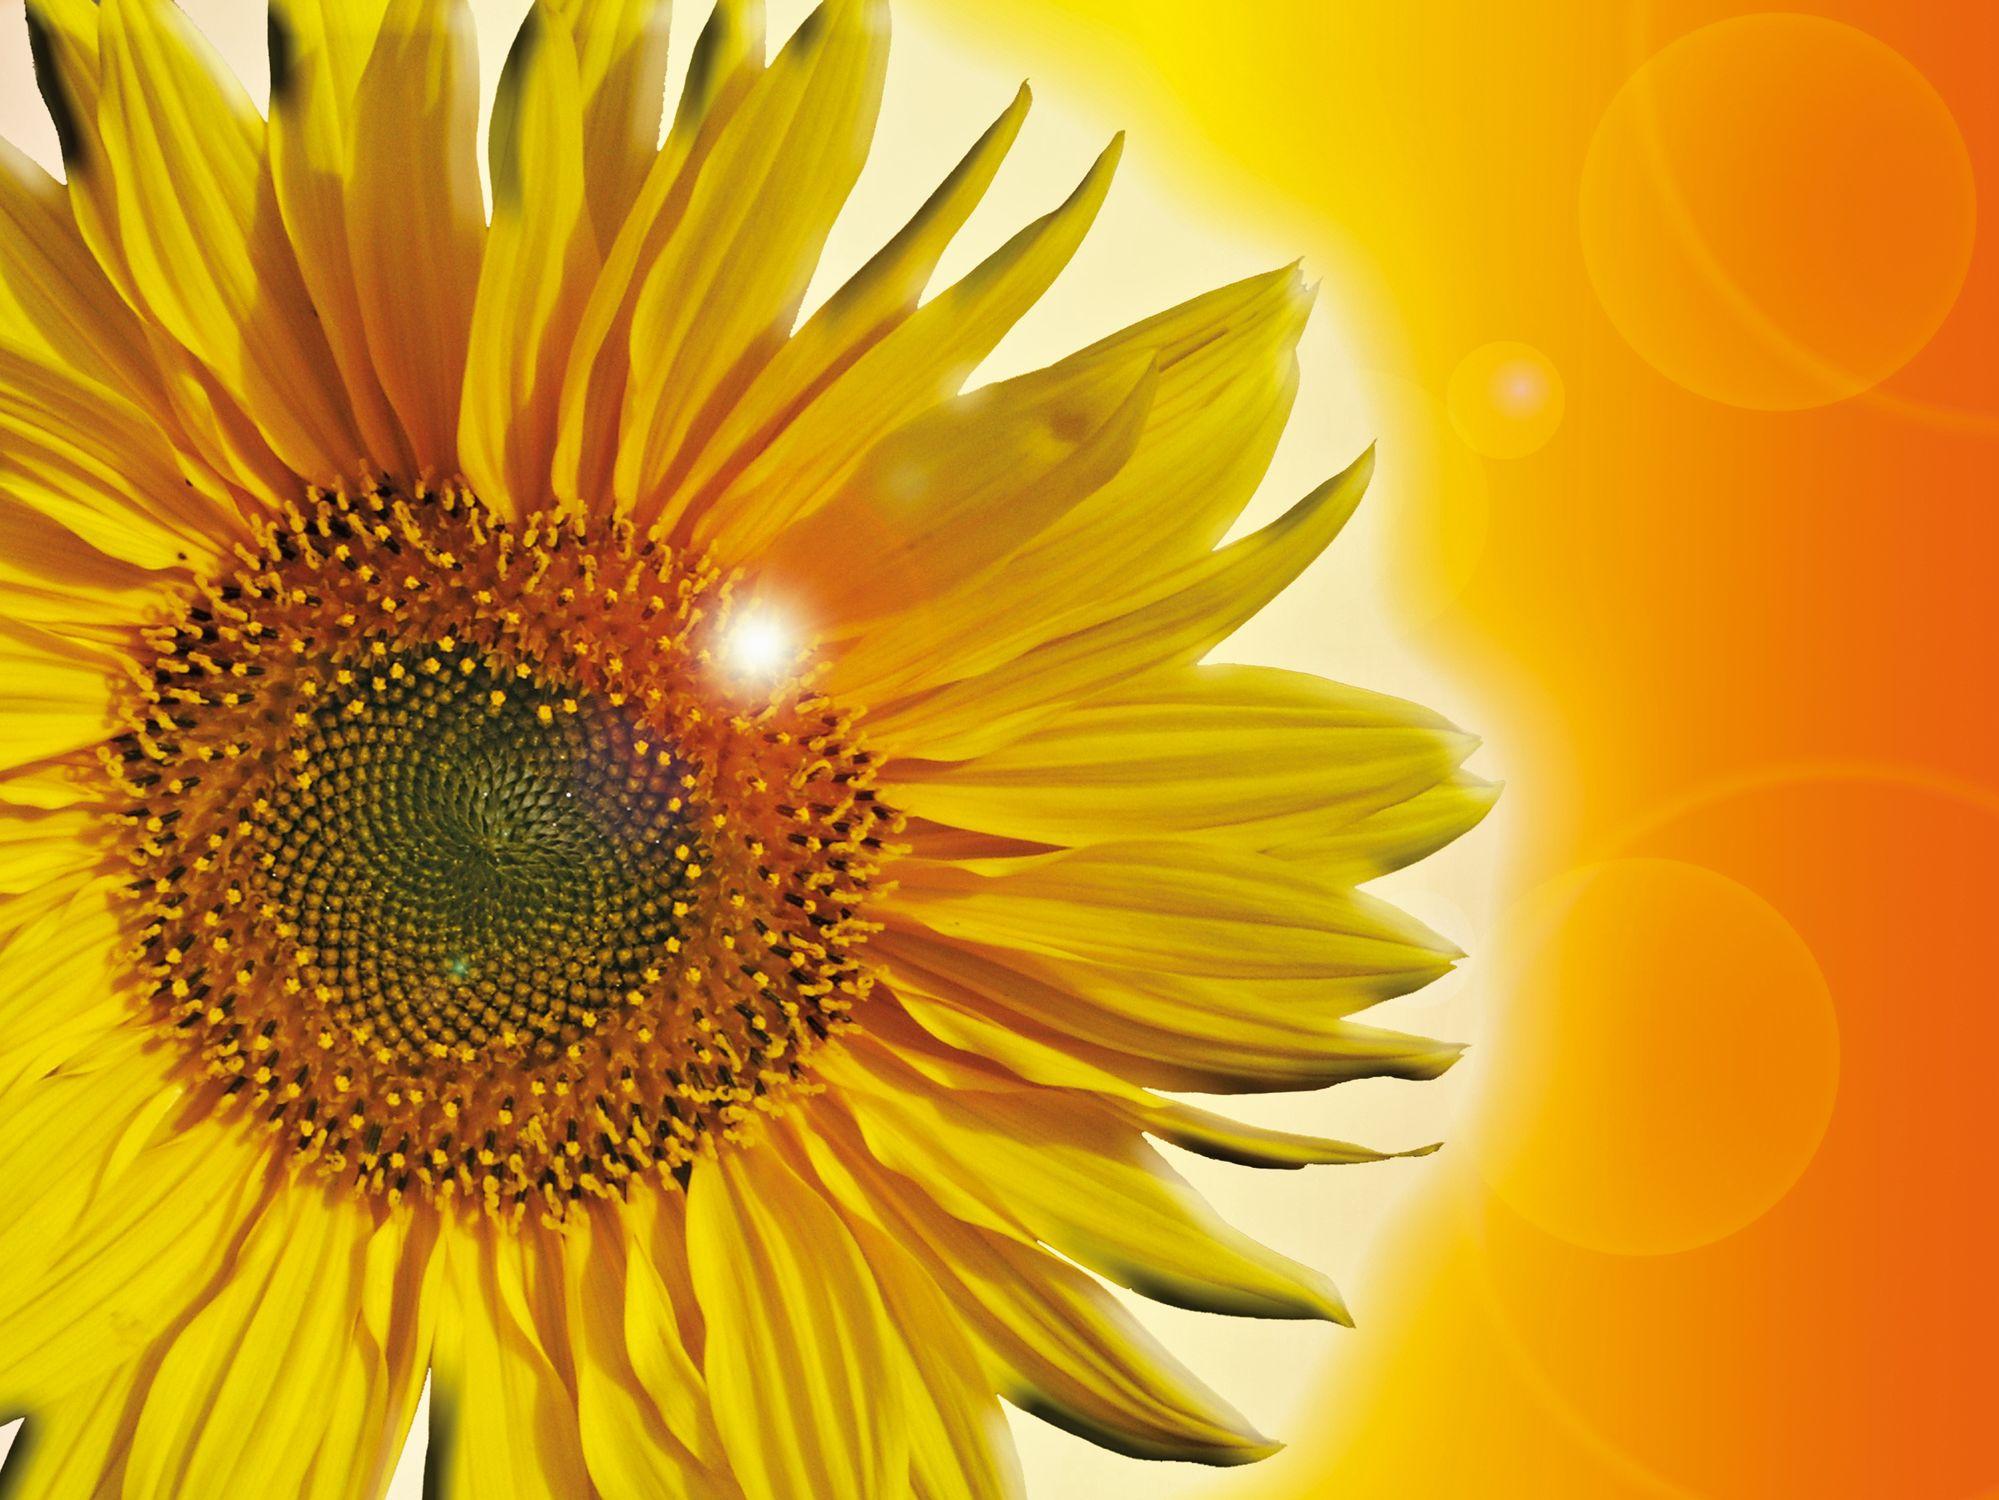 Bild mit Farben, Gelb, Gegenstände, Natur, Pflanzen, Himmel, Lebensmittel, Essen, Blumen, Korbblütler, Sonnenblumen, Blume, Flower, Flowers, Sonnenblume, Sunflower, Sunflowers, Helianthus annuus, Helianthus, Asteraceae